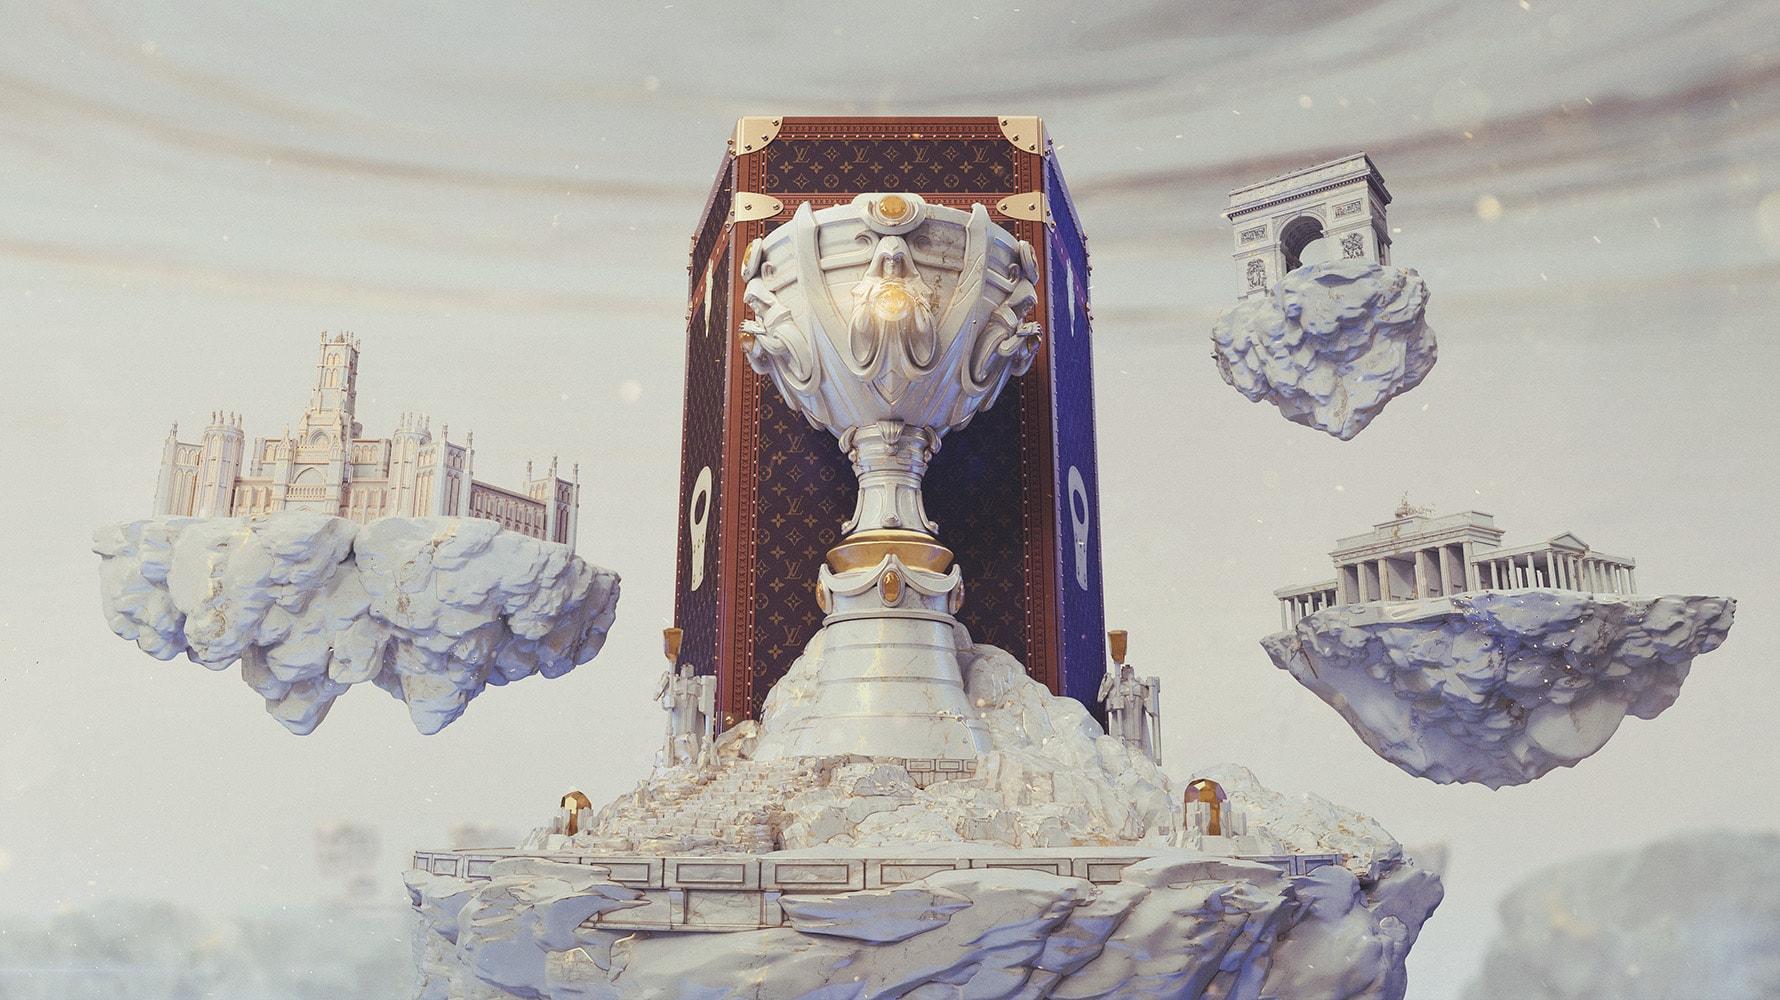 louis vuitton summoner's cup trophy case league of legends